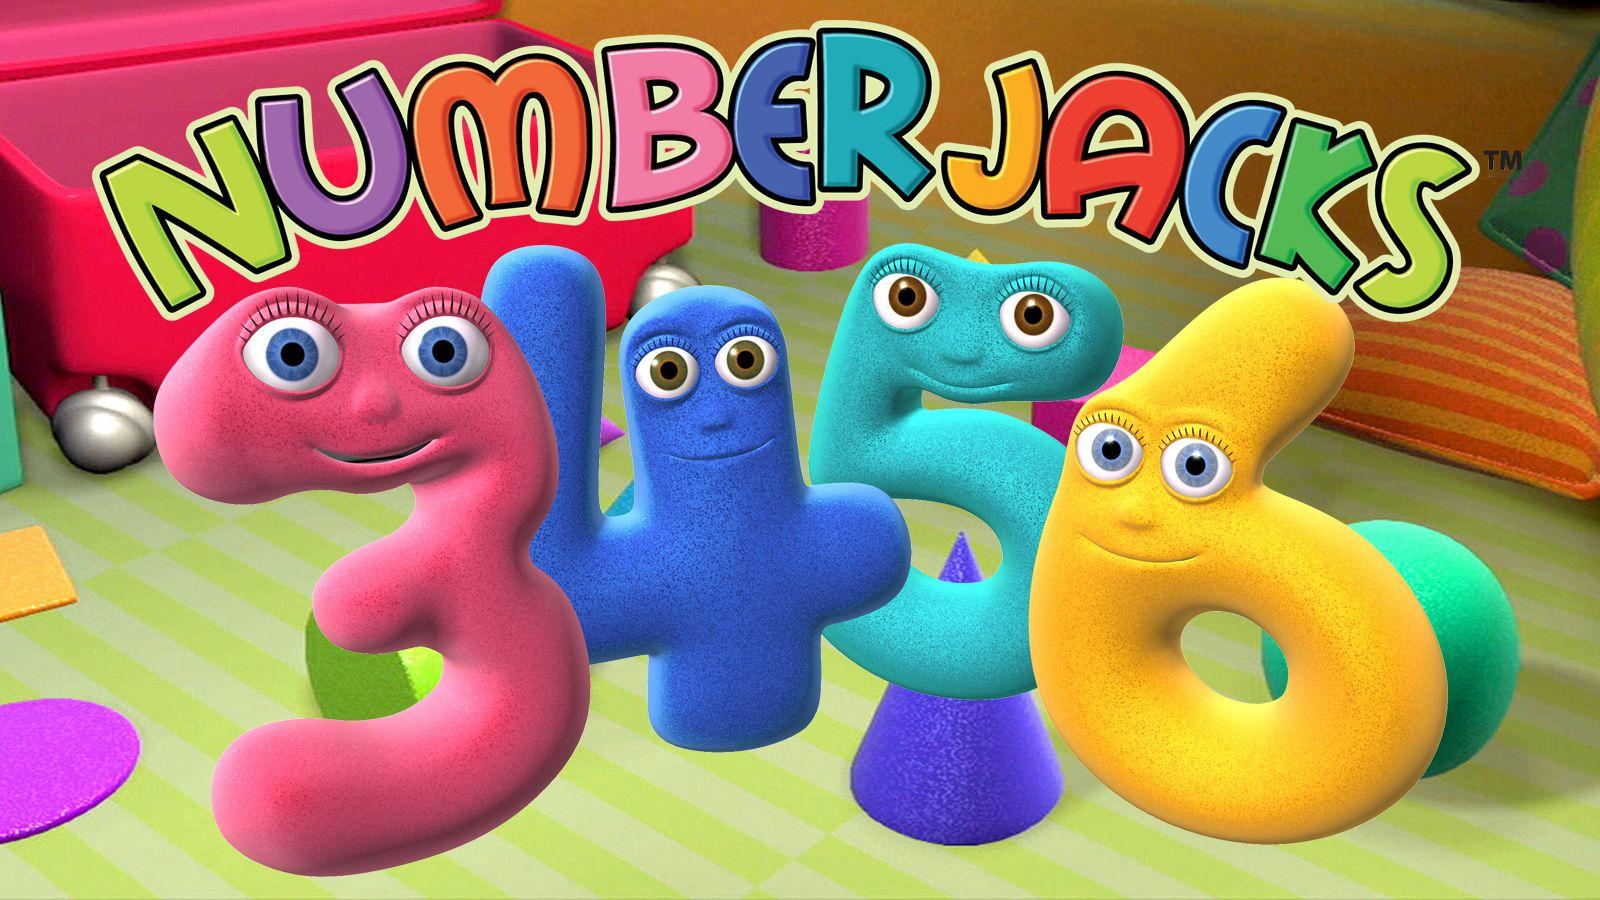 Numberjacks Games Tiny Pop Childhood memories 2000